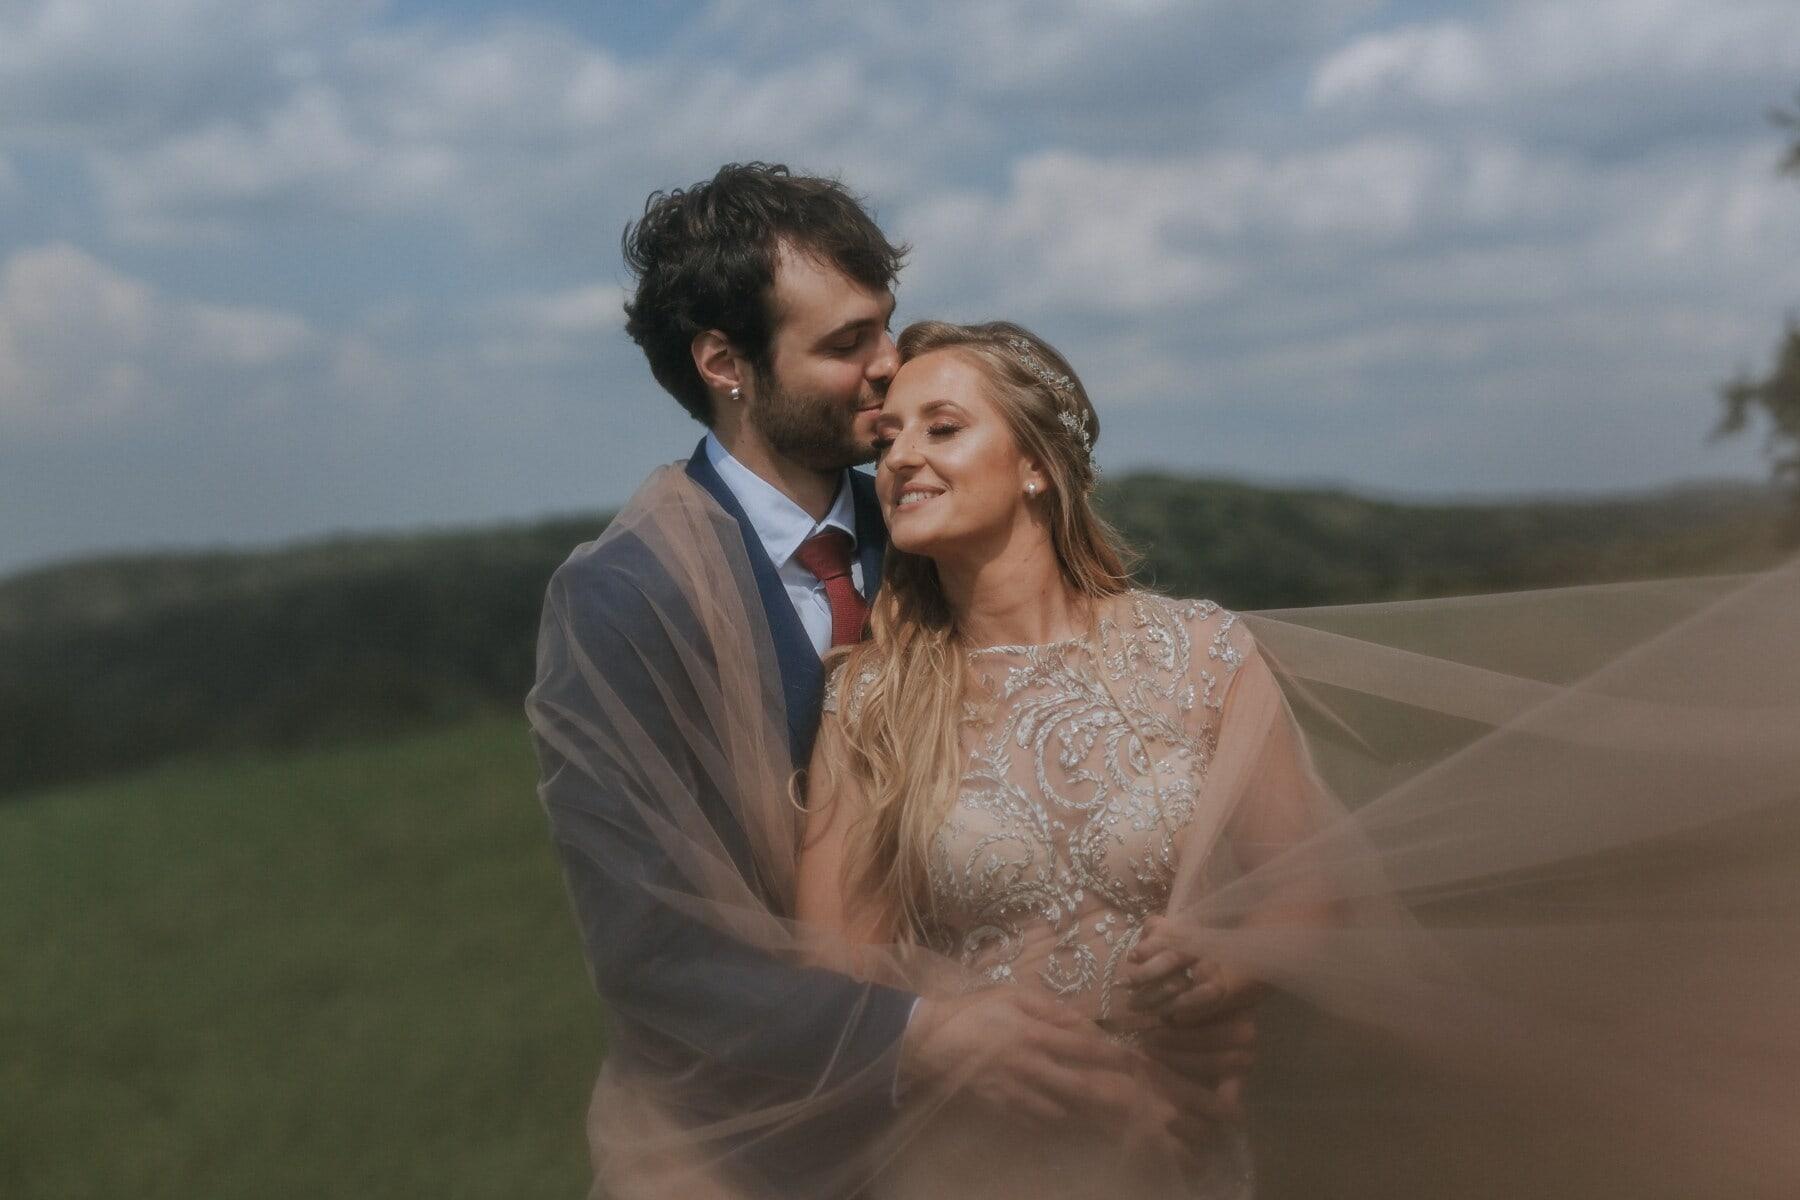 iubitul, romantice, coastă de deal, în aer liber, om, fericirea, îmbrăţişarea, sărut, tanara, cuplu